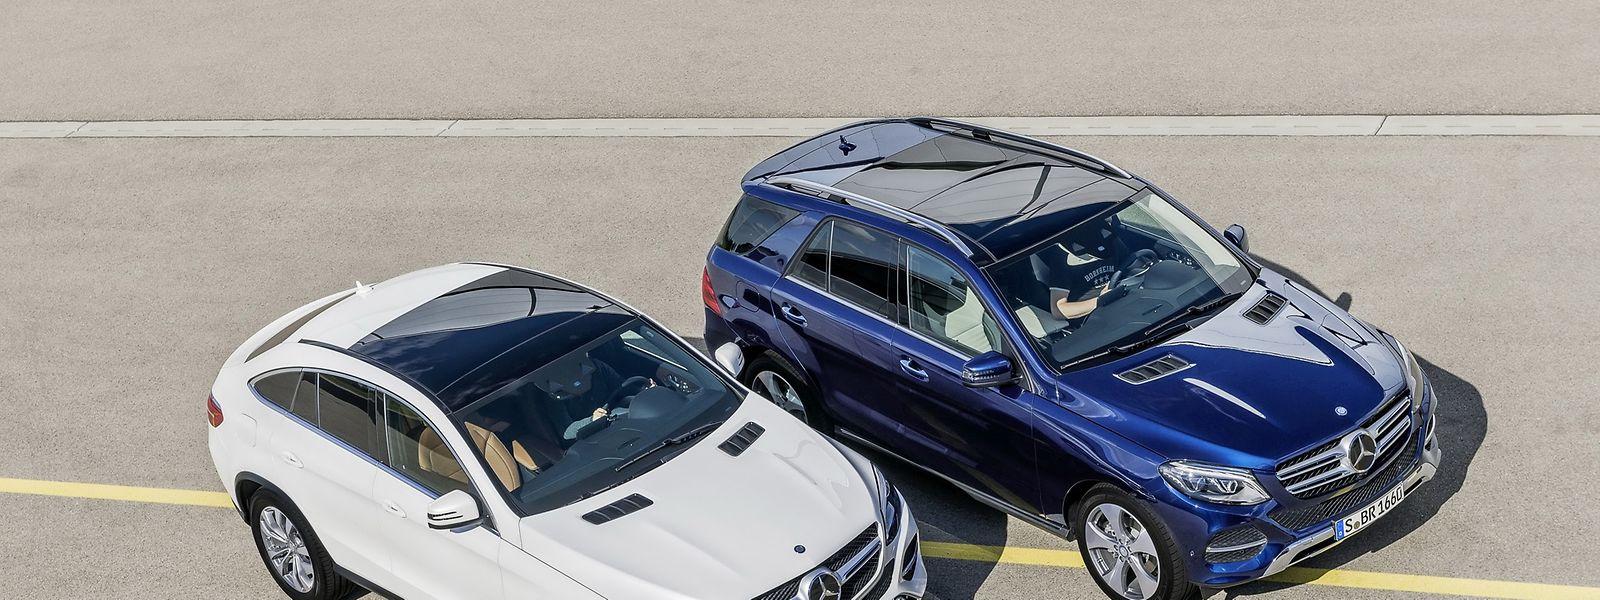 Die Technik hält, was der Look verspricht: Während beim GLE Coupé (links) die Fahrdynamik im Vordergrund steht, wartet der GLE mit hoher Geländekompetenz auf.